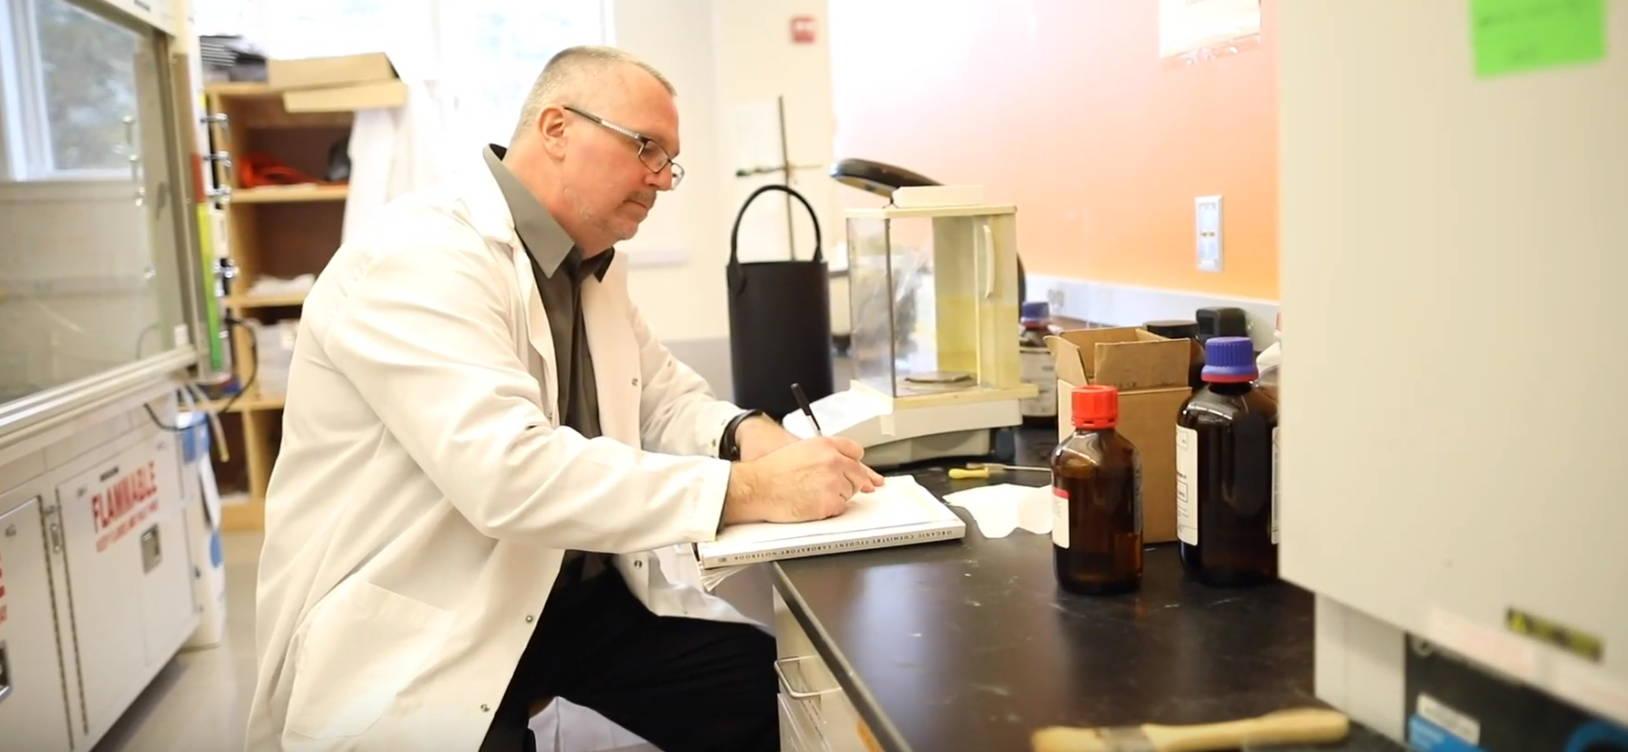 Dr. Glen Miller